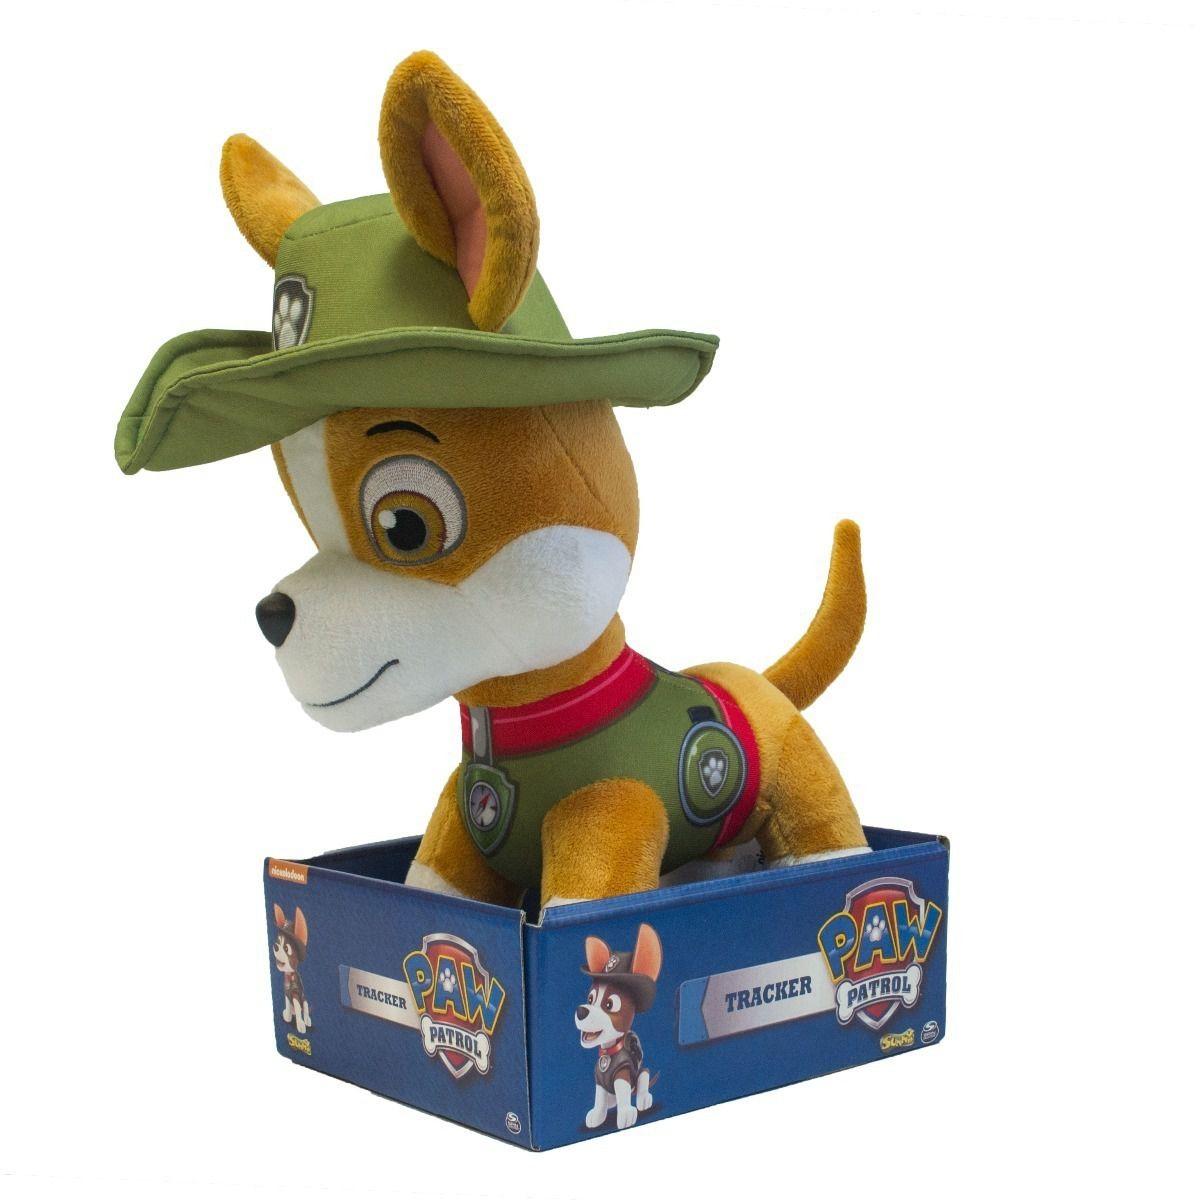 Pelucia Patrulha Canina Tracker 30 Cm Sunny 1353